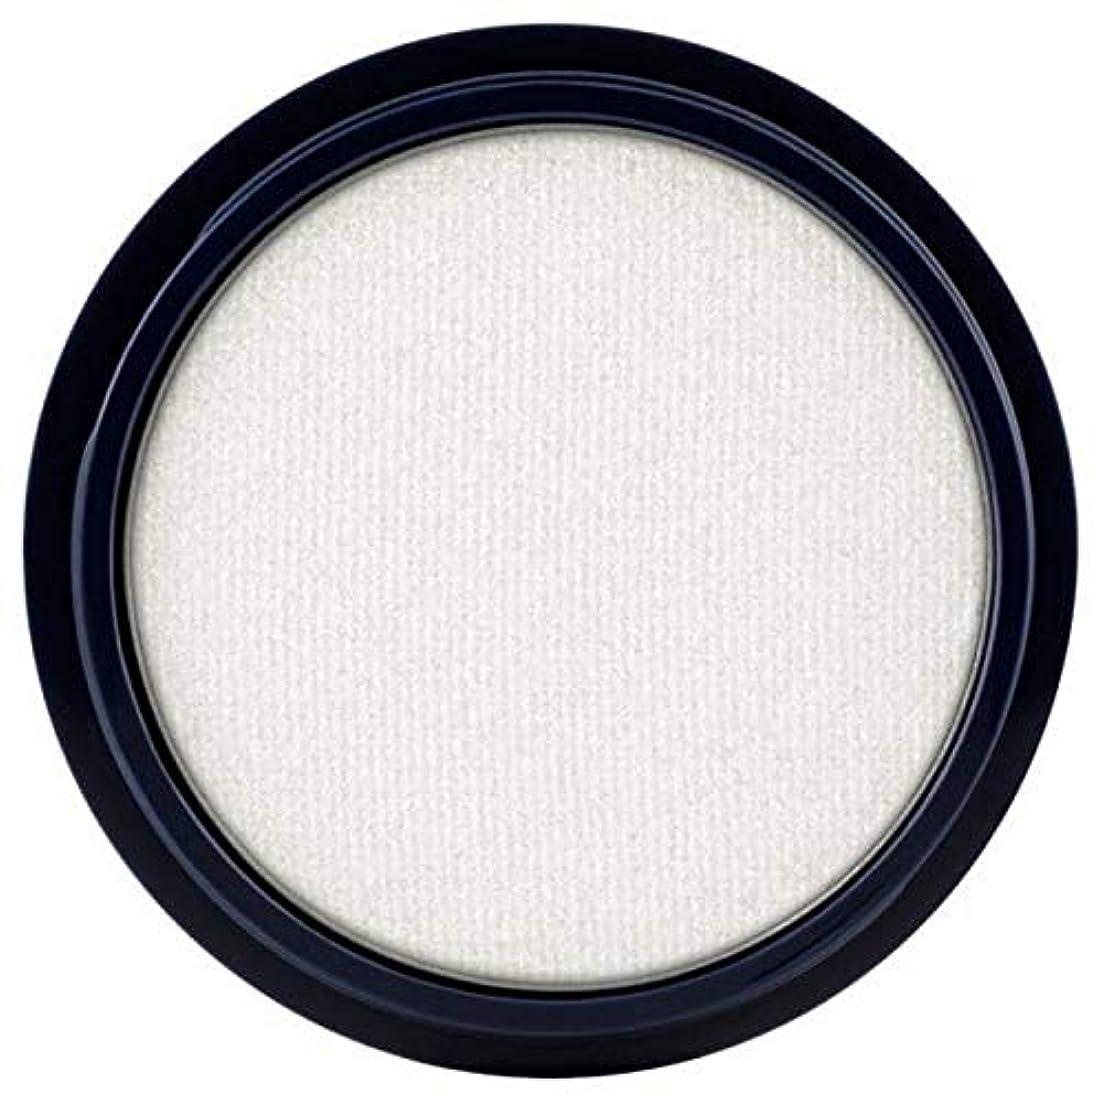 ダッシュ上回るセミナー[Max Factor ] 白35 Definatマックスファクター野生シャドウアイシャドウポット - Max Factor Wild Shadow Eyeshadow Pot Definat White 35 [並行輸入品]